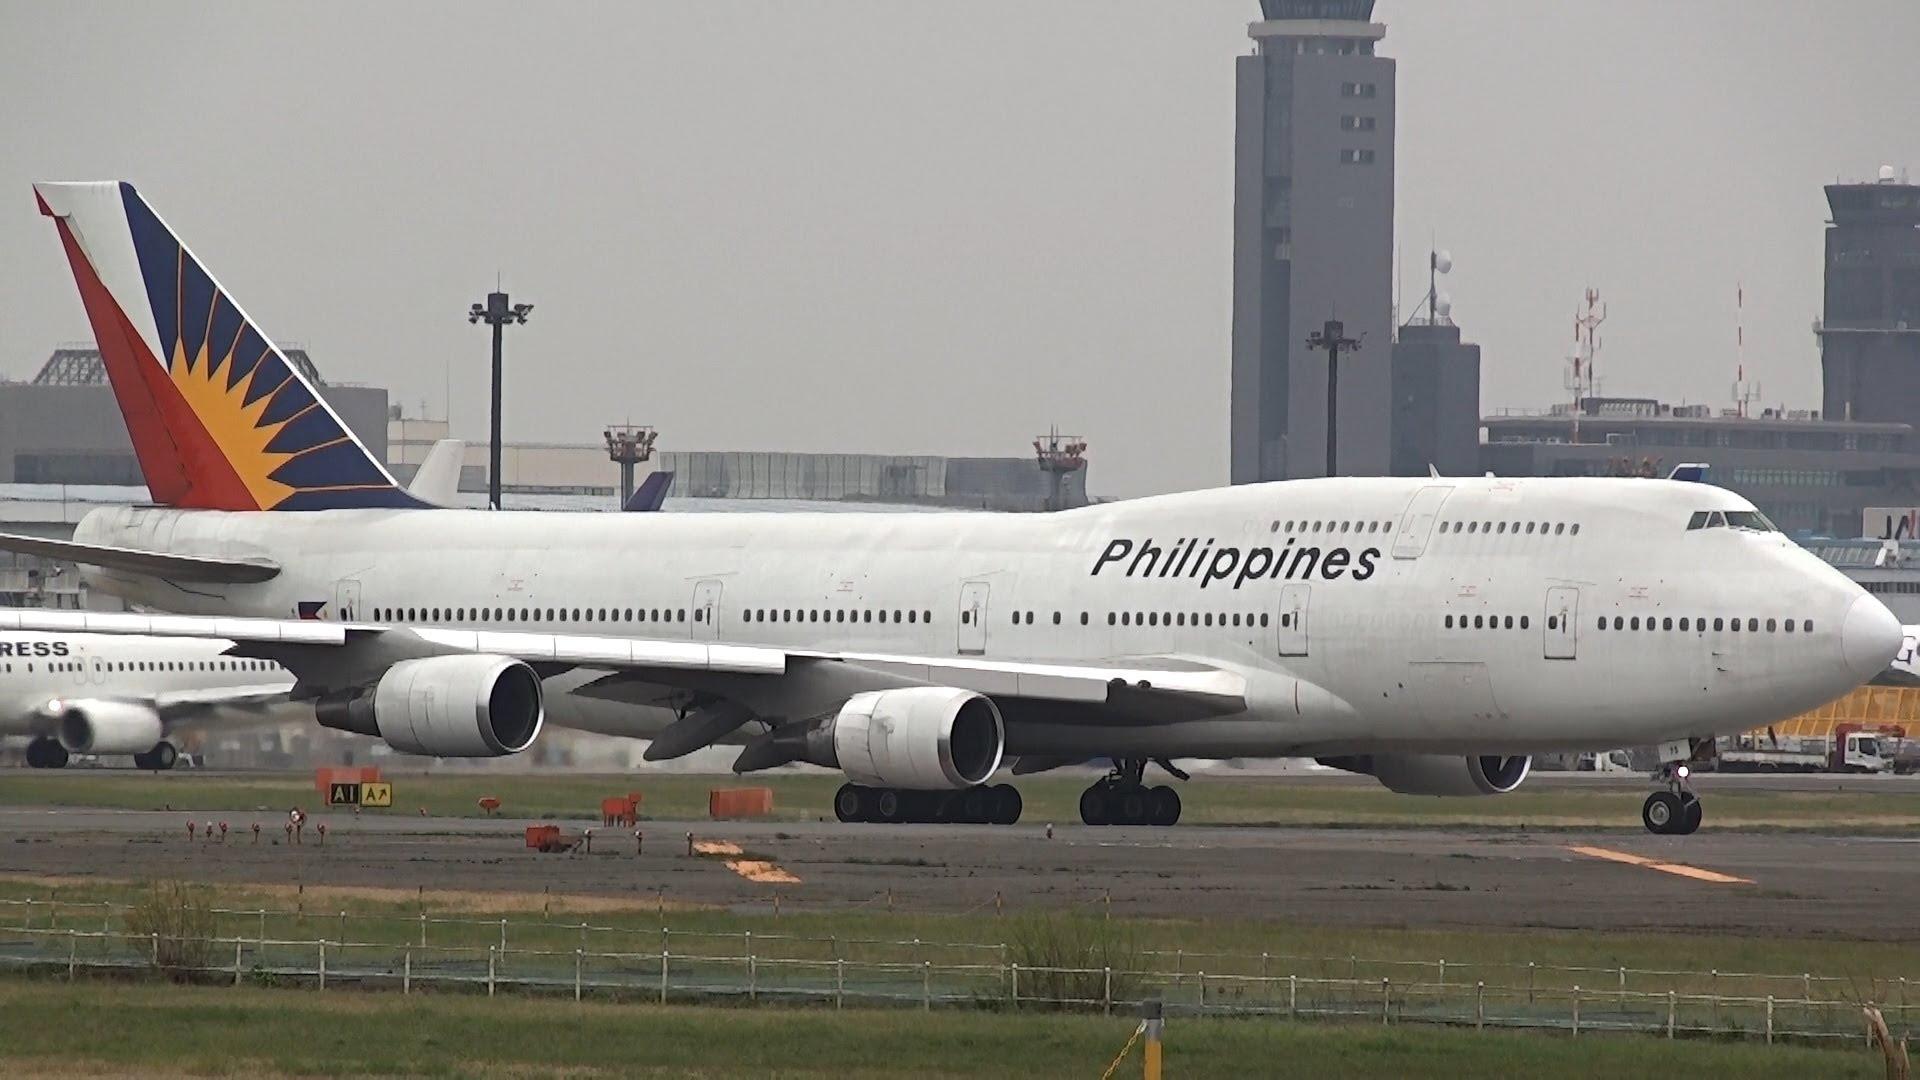 Chuyển hàng quốc tế từ Đà Nẵng đi Manila bằng đường hàng không chất lượng